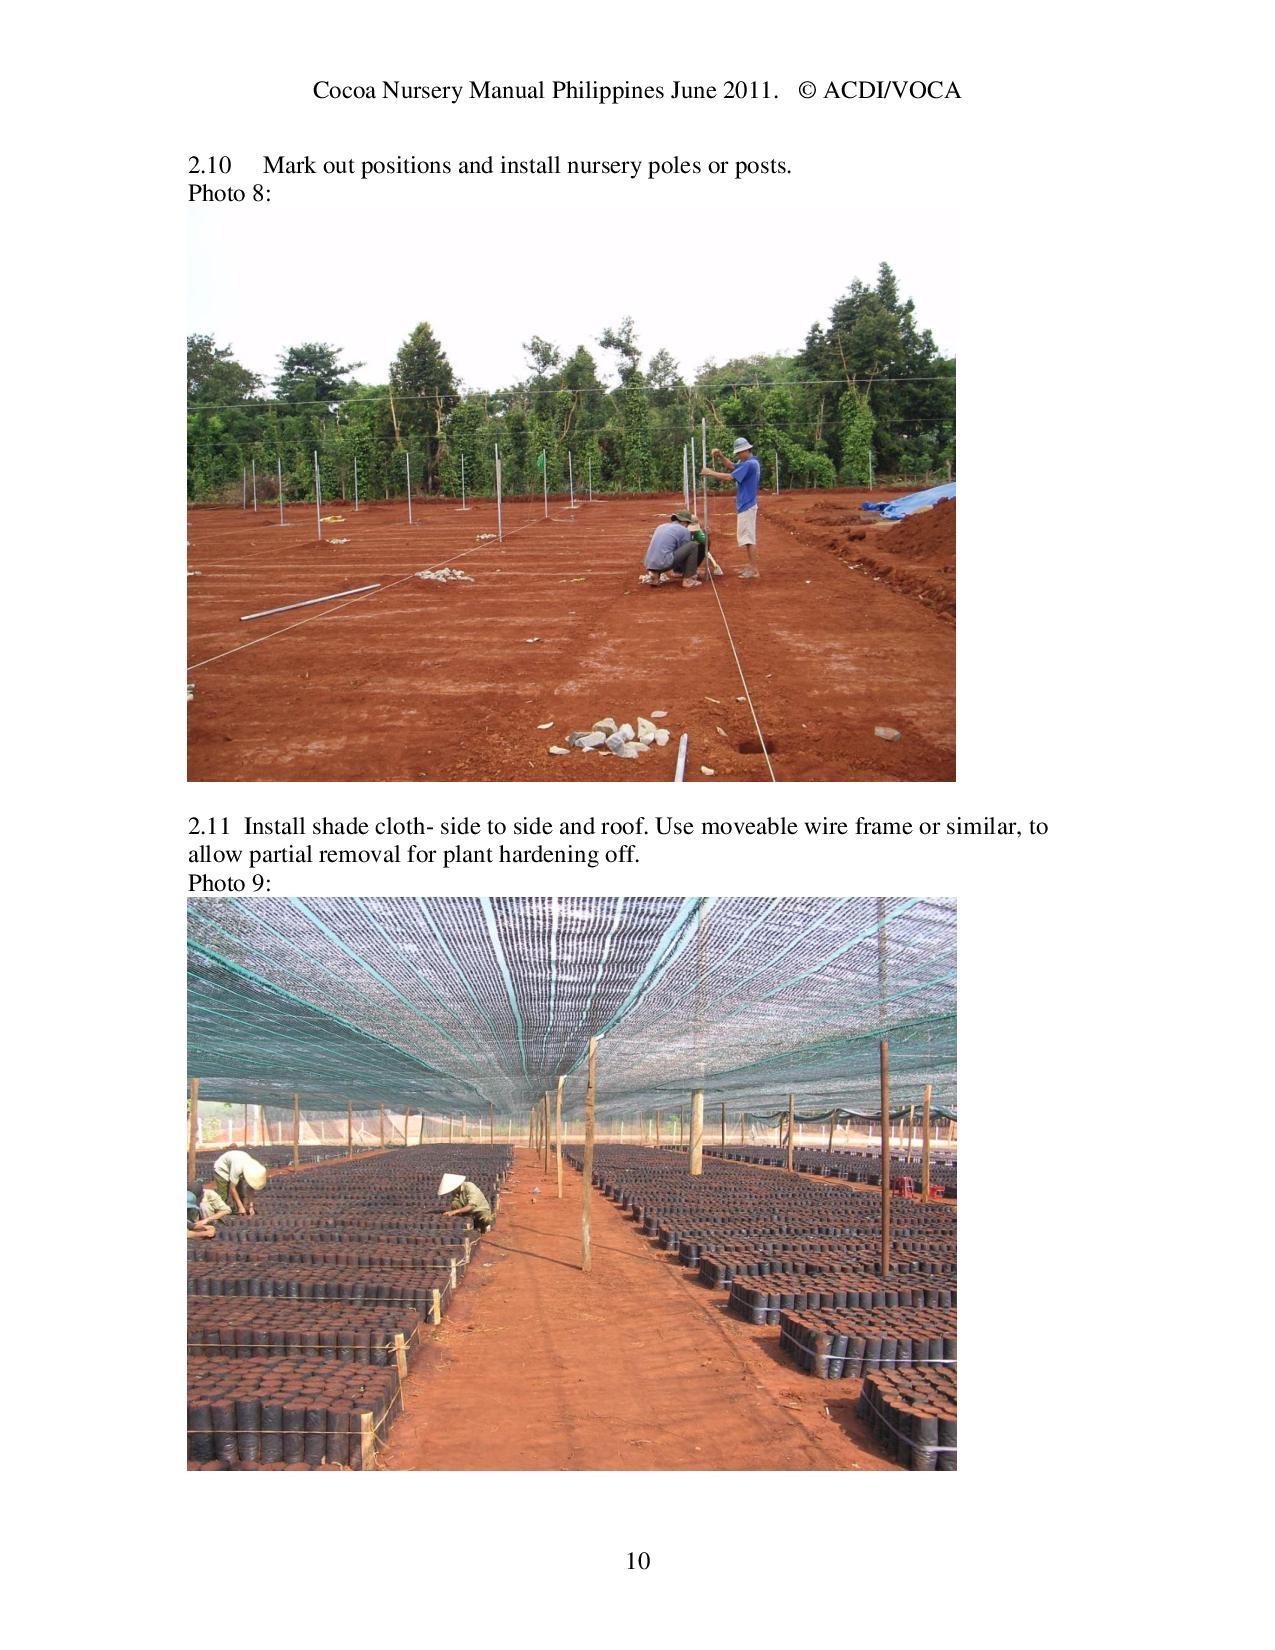 Cocoa-Nursery-Manual-2011_acdi-voca-page-010